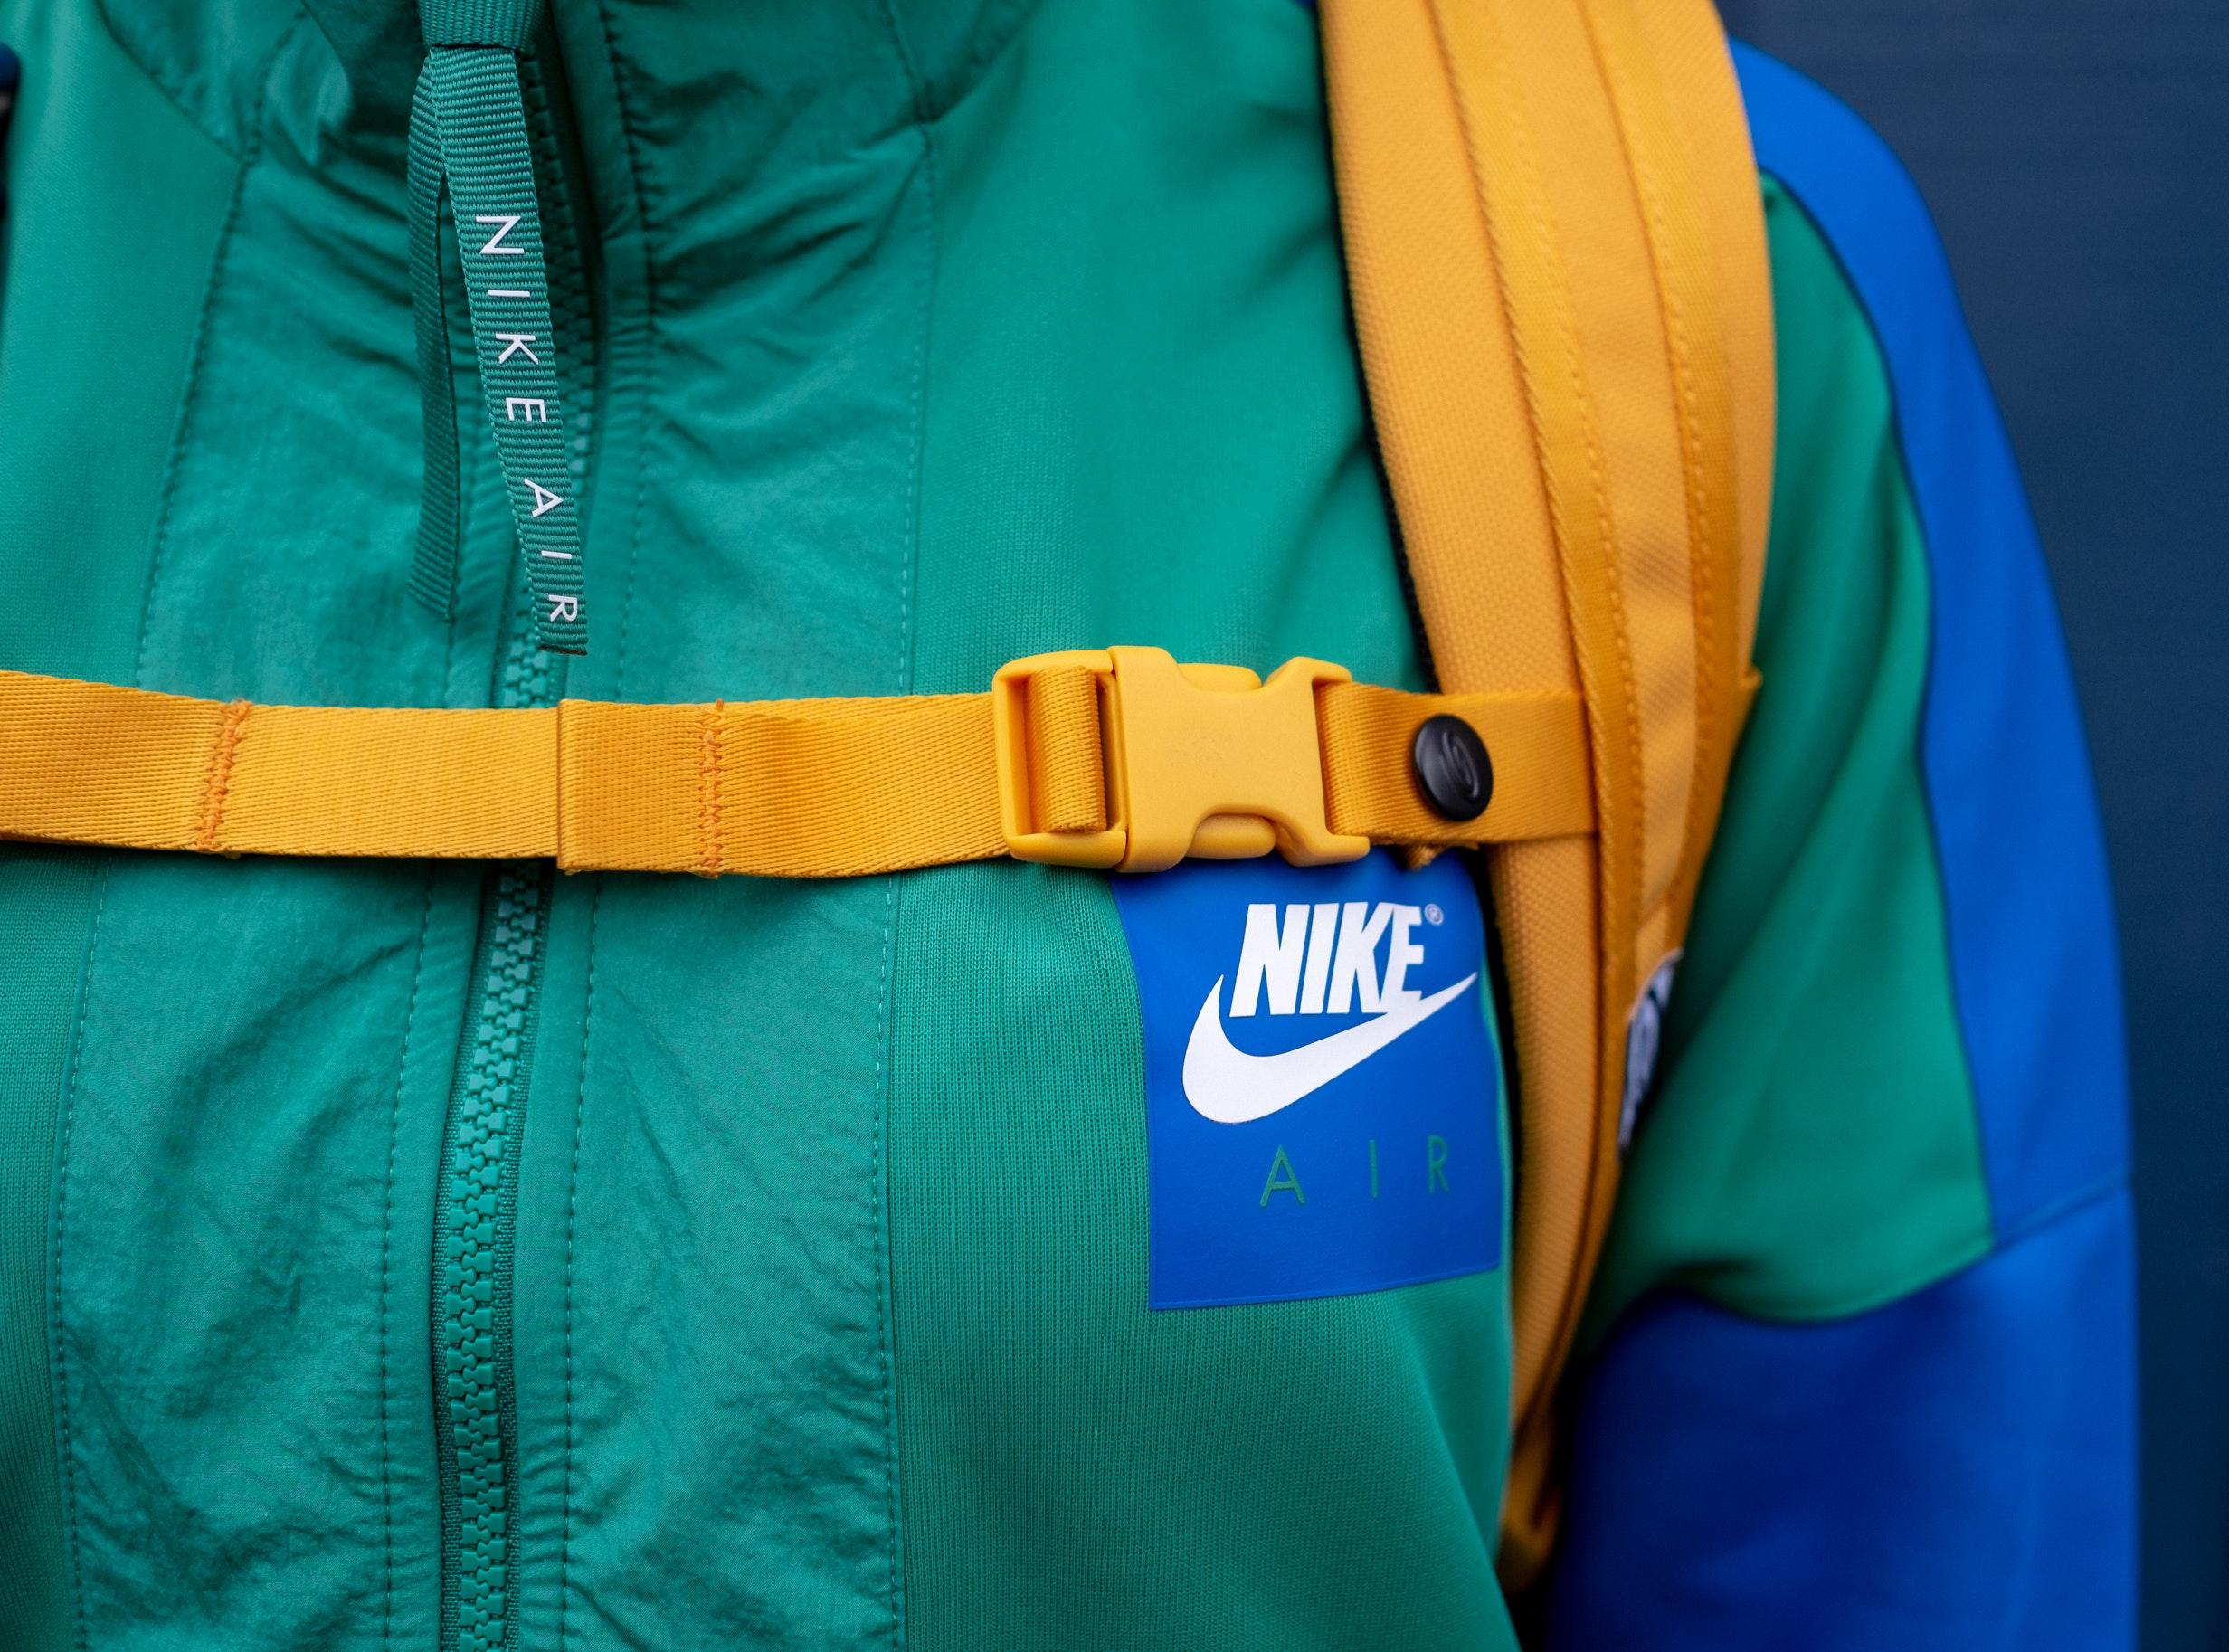 07788f69ed kék zöld sárga türkiz narancs acélkék a zöldeskék aqua dzseki felsőruházat  sportruházat Jersey ujj póló